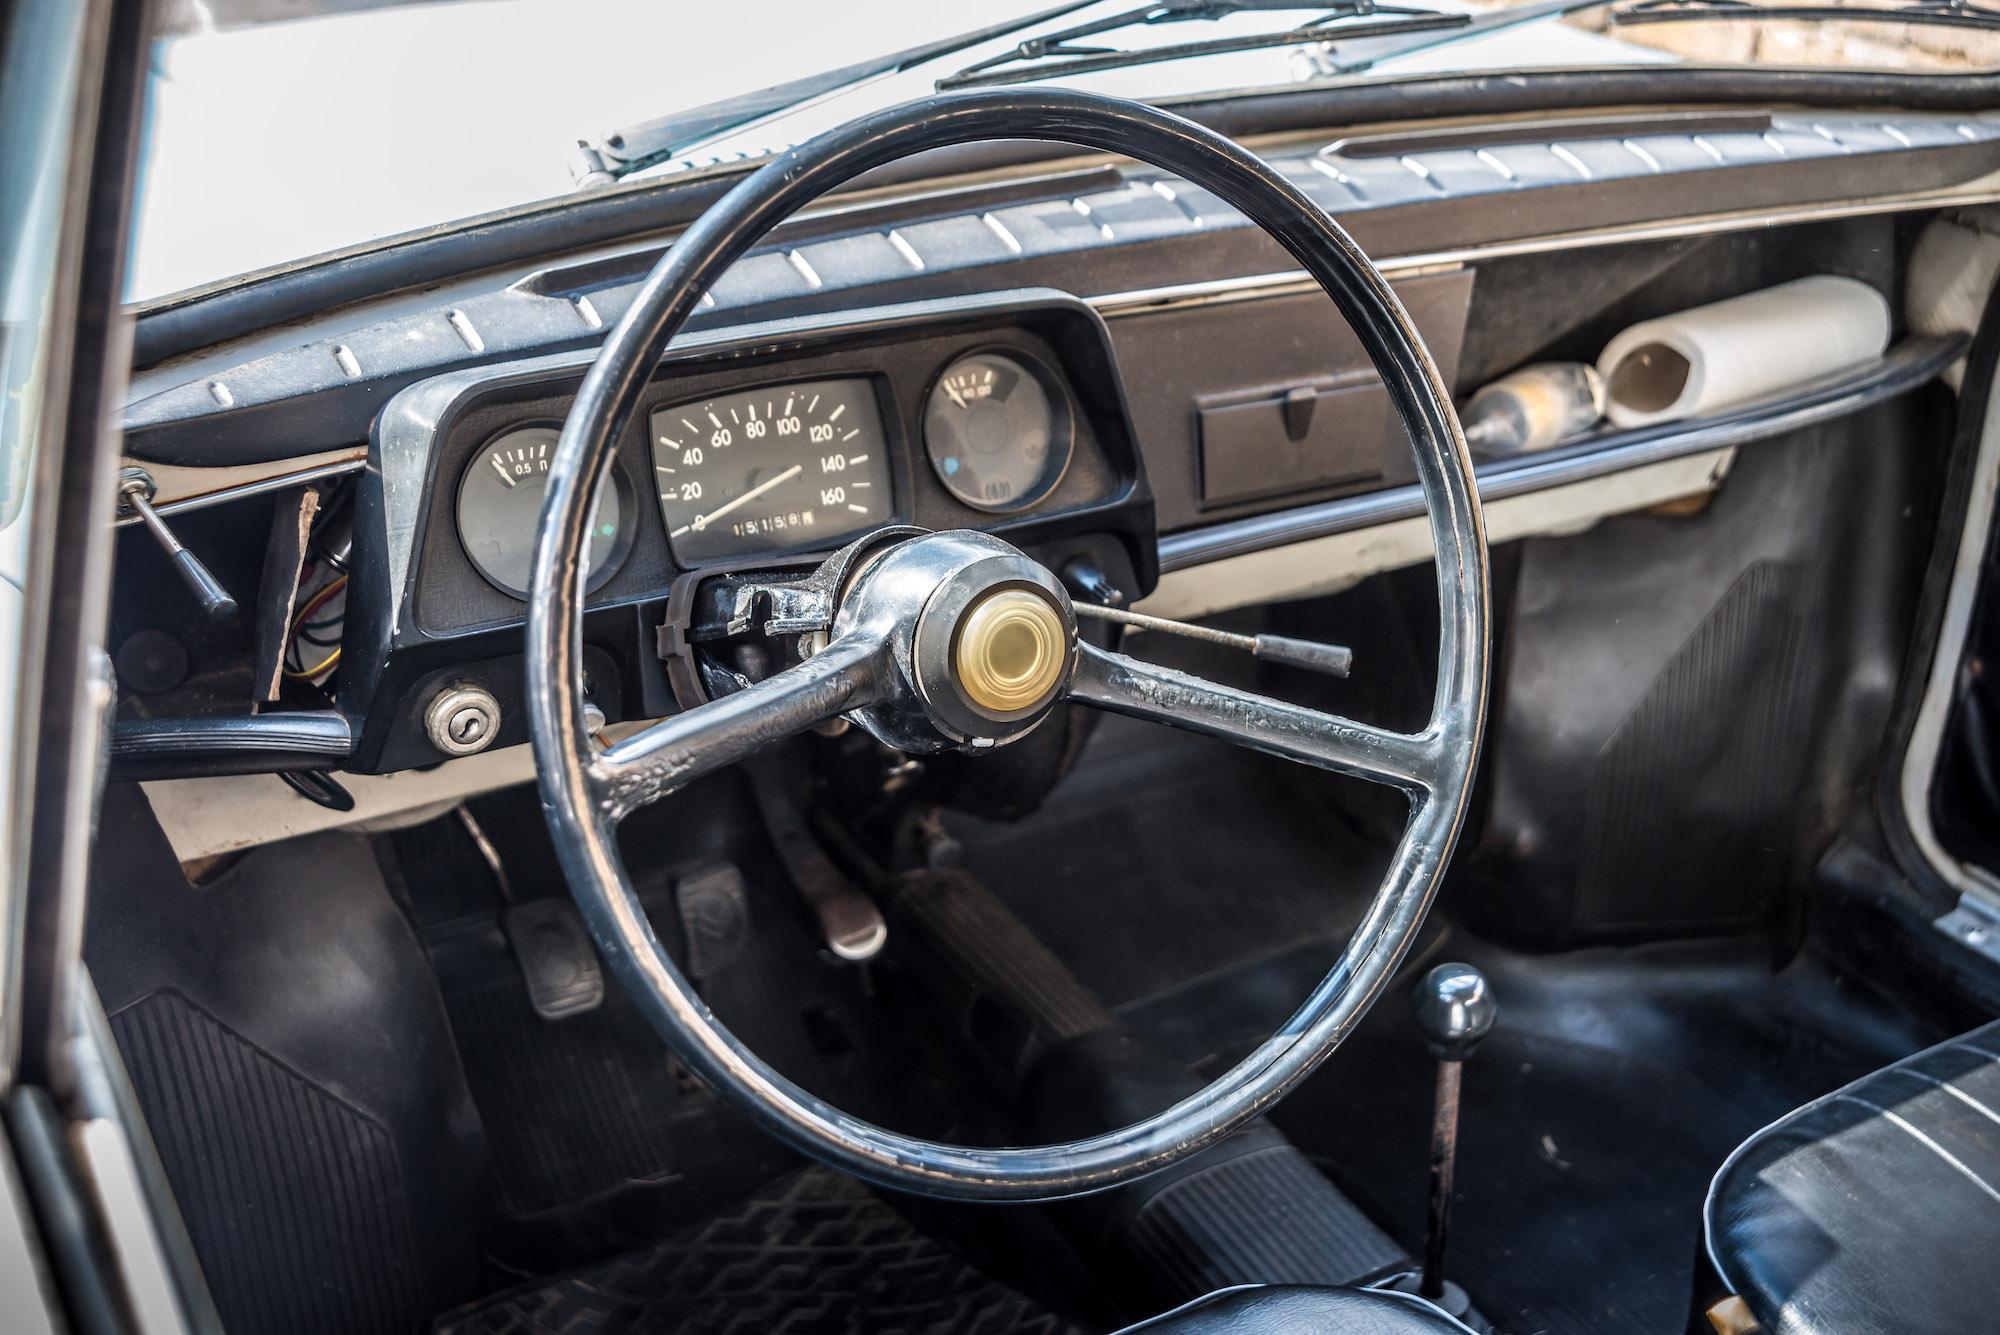 Zaporozhets 968 interior